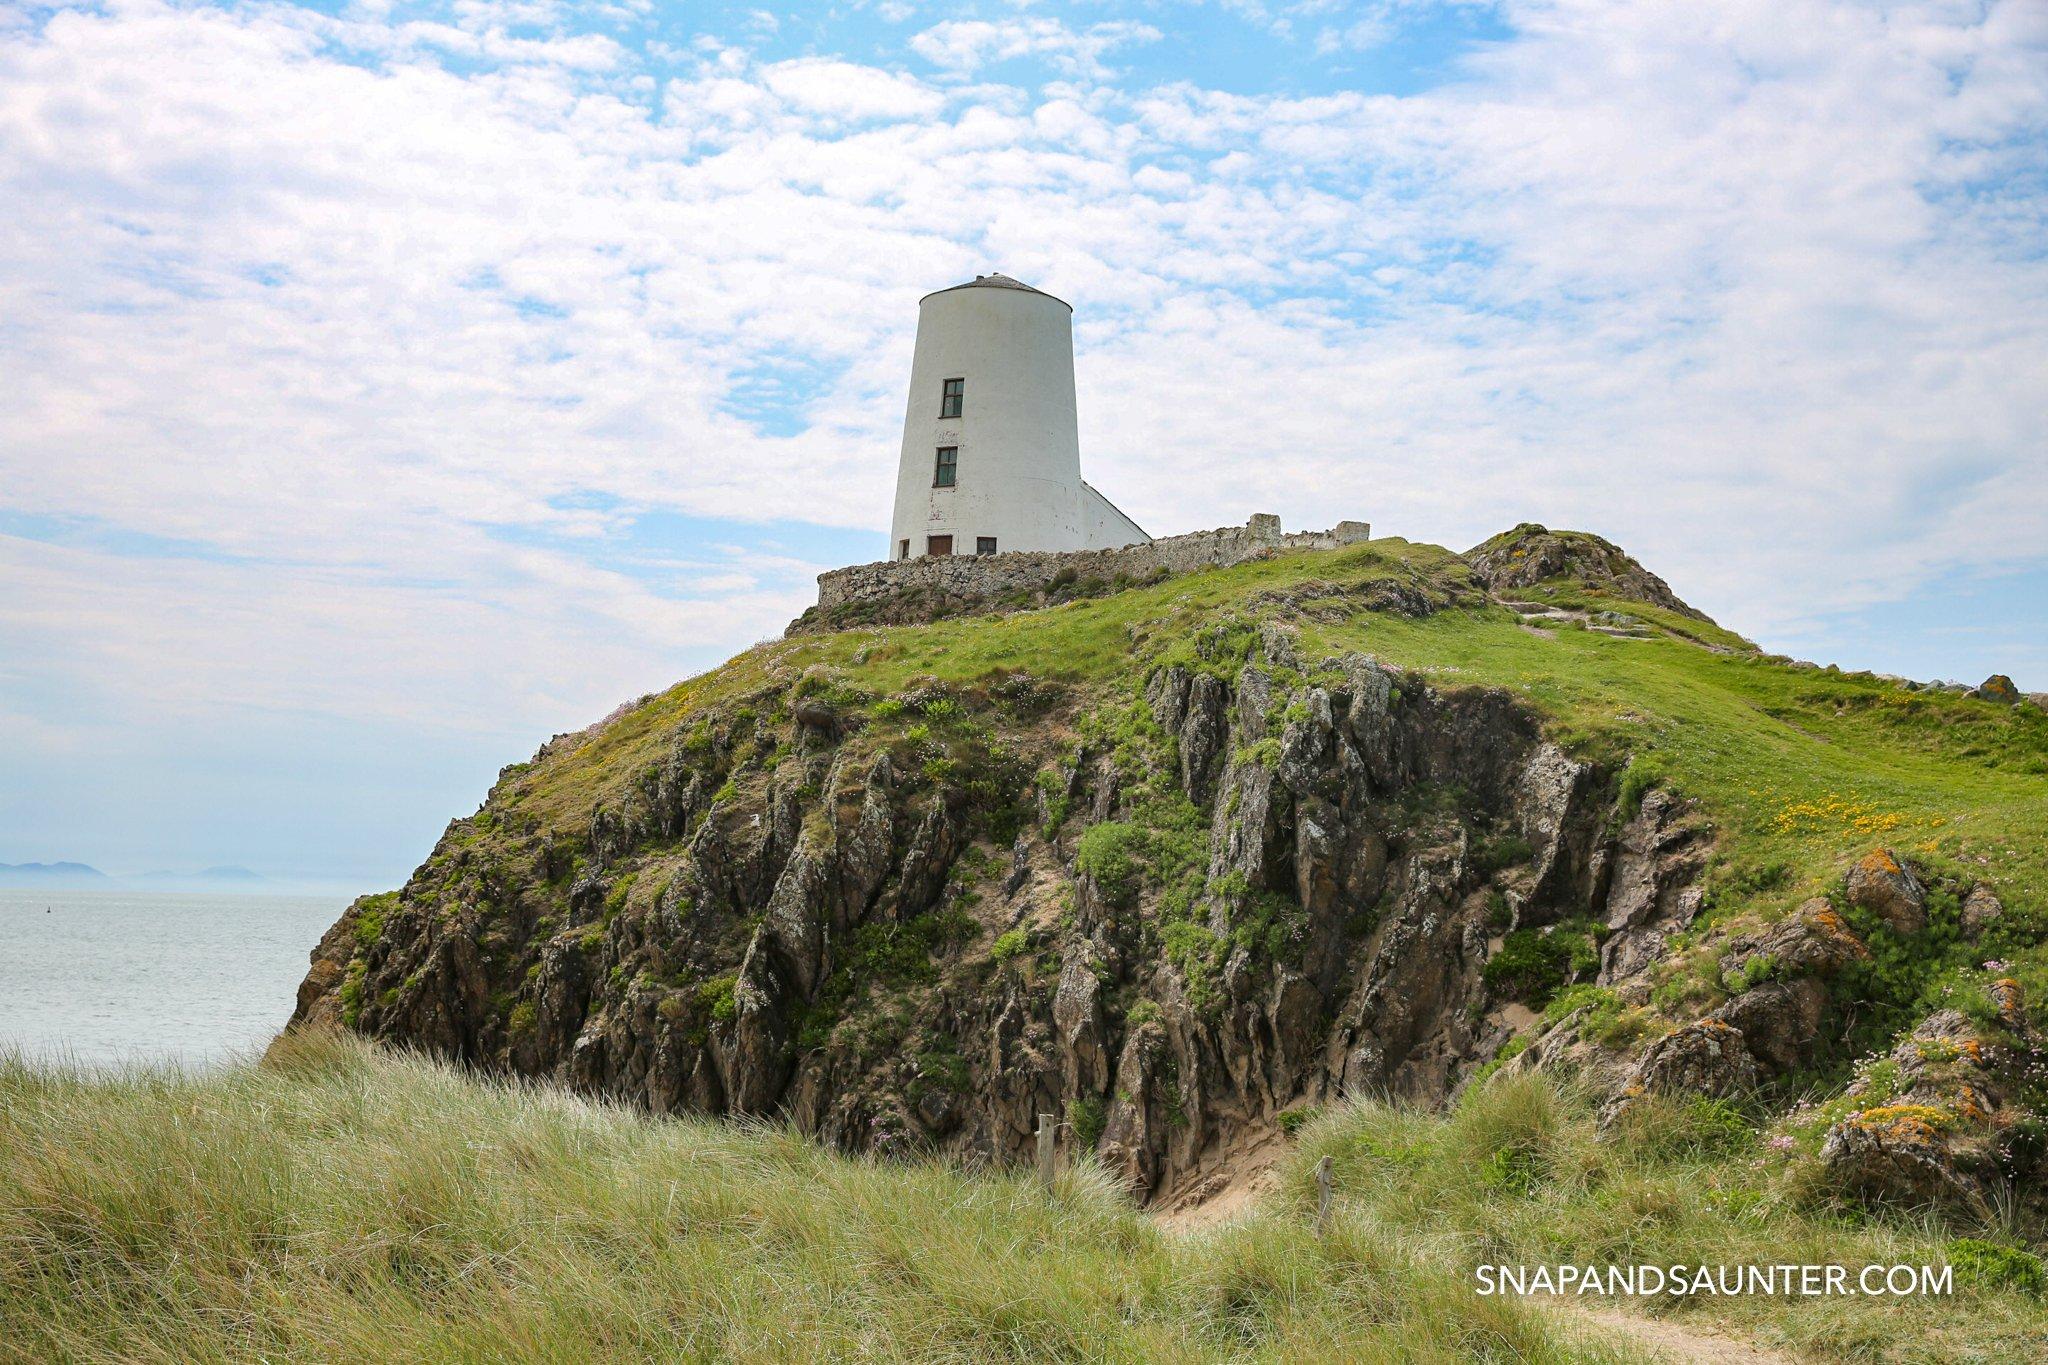 Twr Mawr lighthouse on Llandwyn Island in Anglesey in Wales